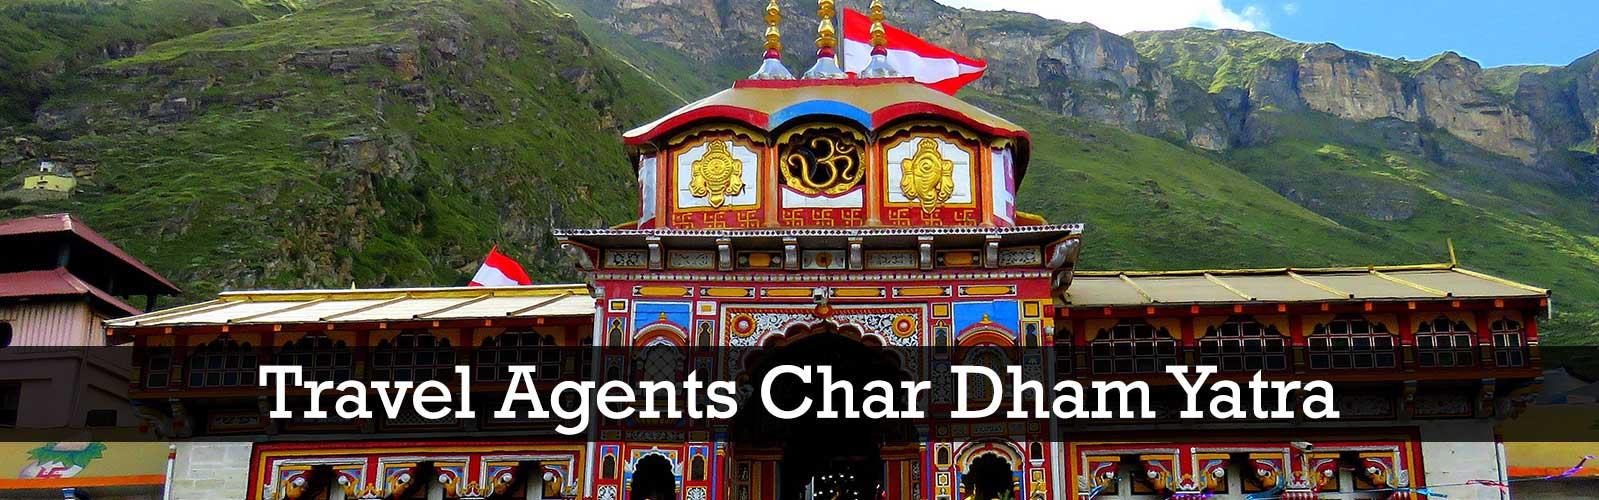 Chardham Travel Agent in Haridwar